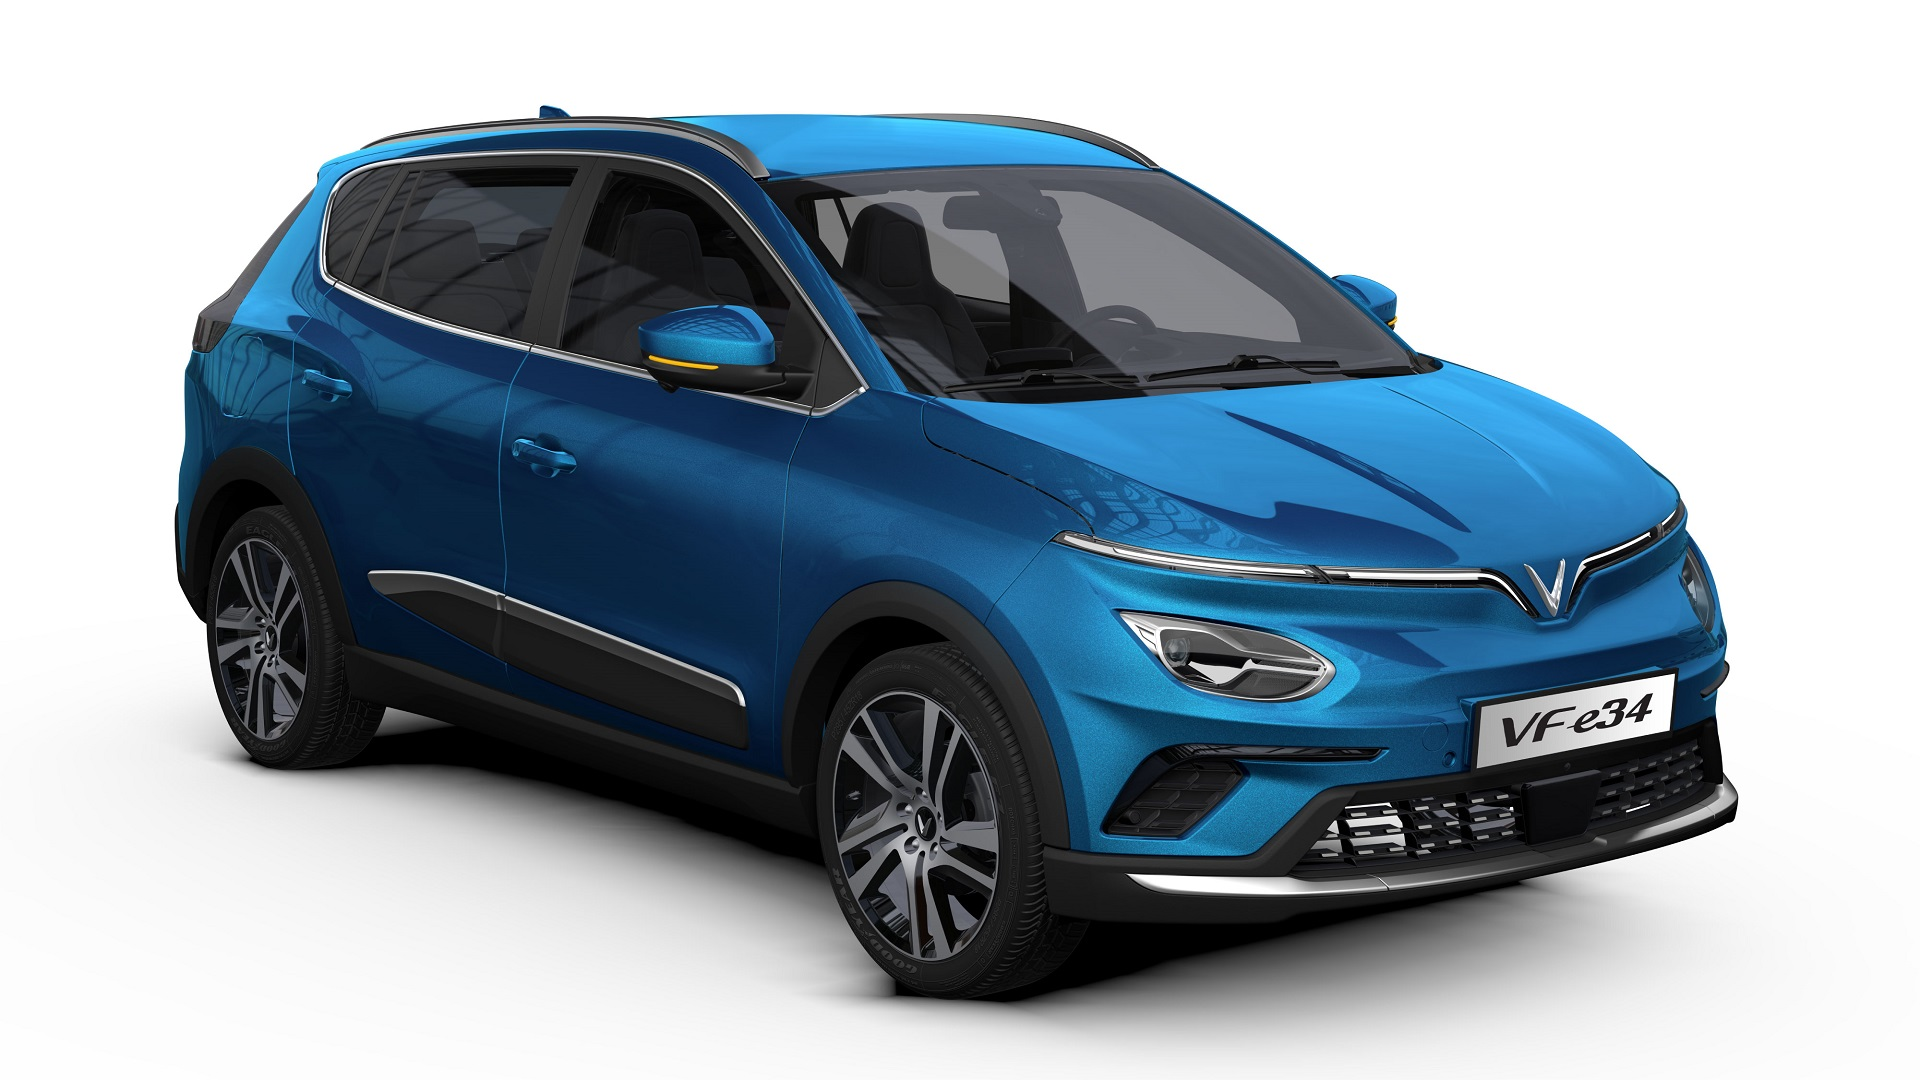 """Loạt công nghệ """"khủng"""" của VinFast VF e34 - mẫu xe điện đang gây sốt thị trường Việt Nam"""